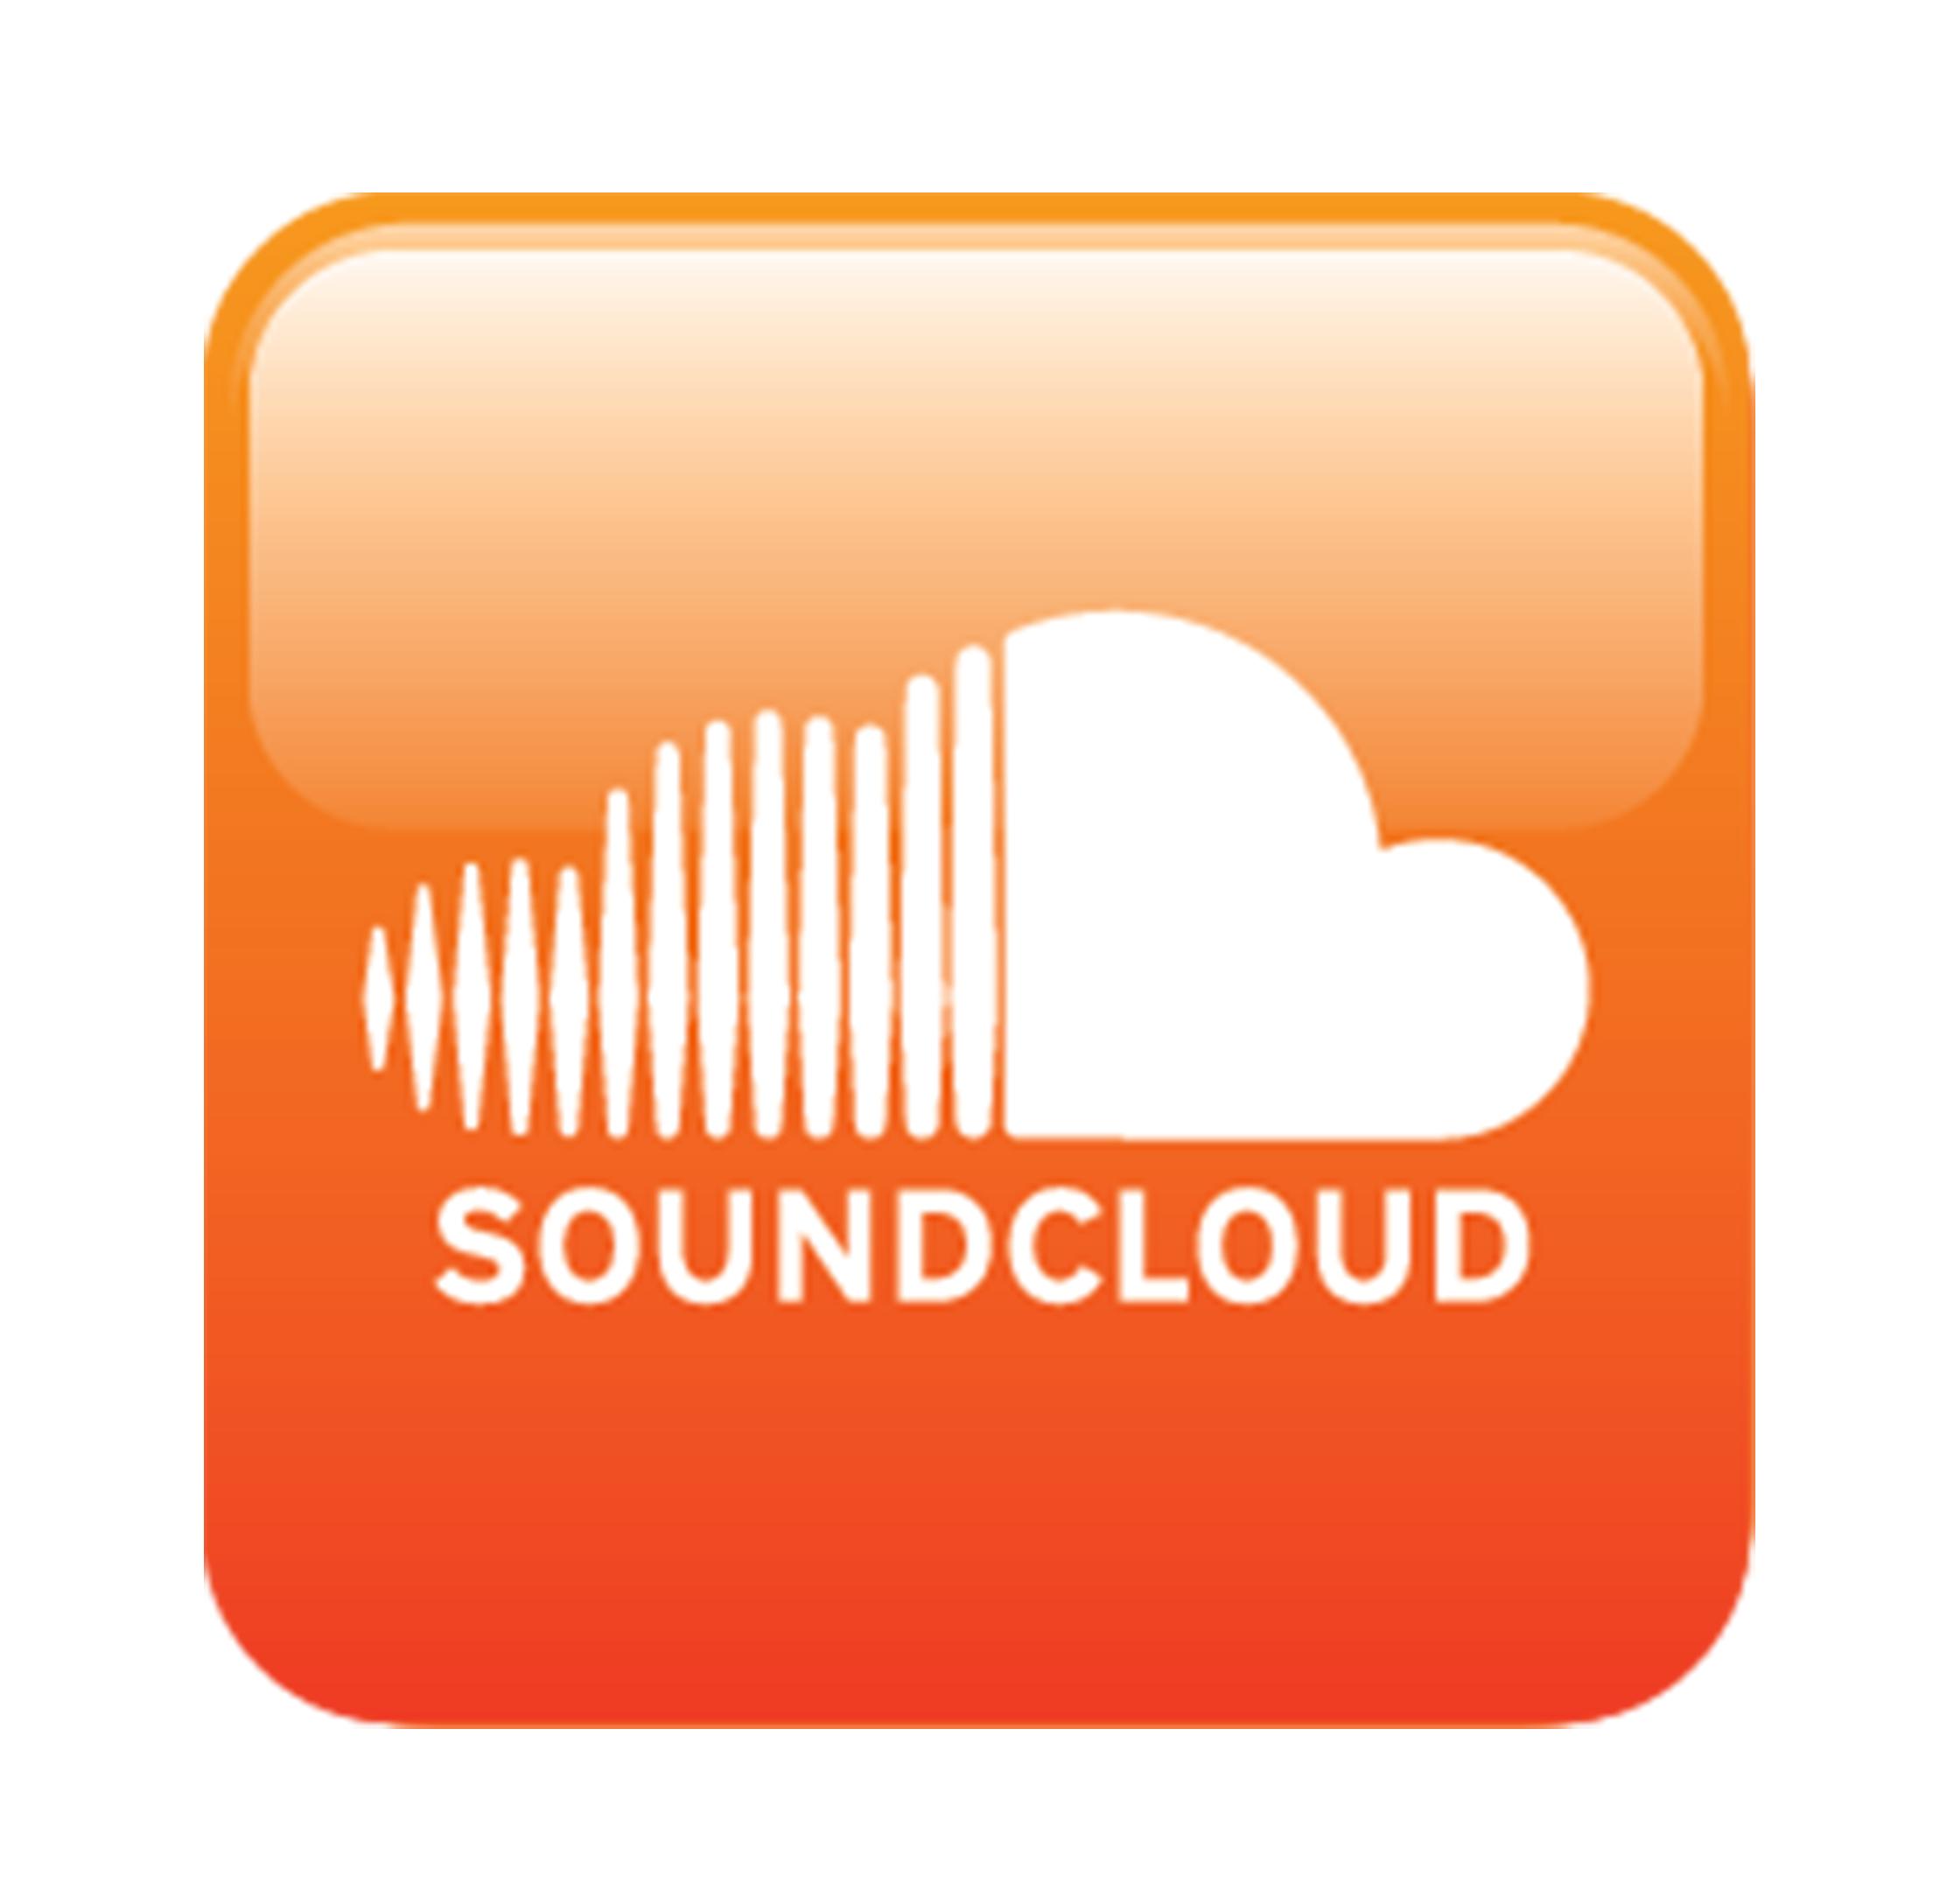 [Studenten] Soundcloud Go+ Abo